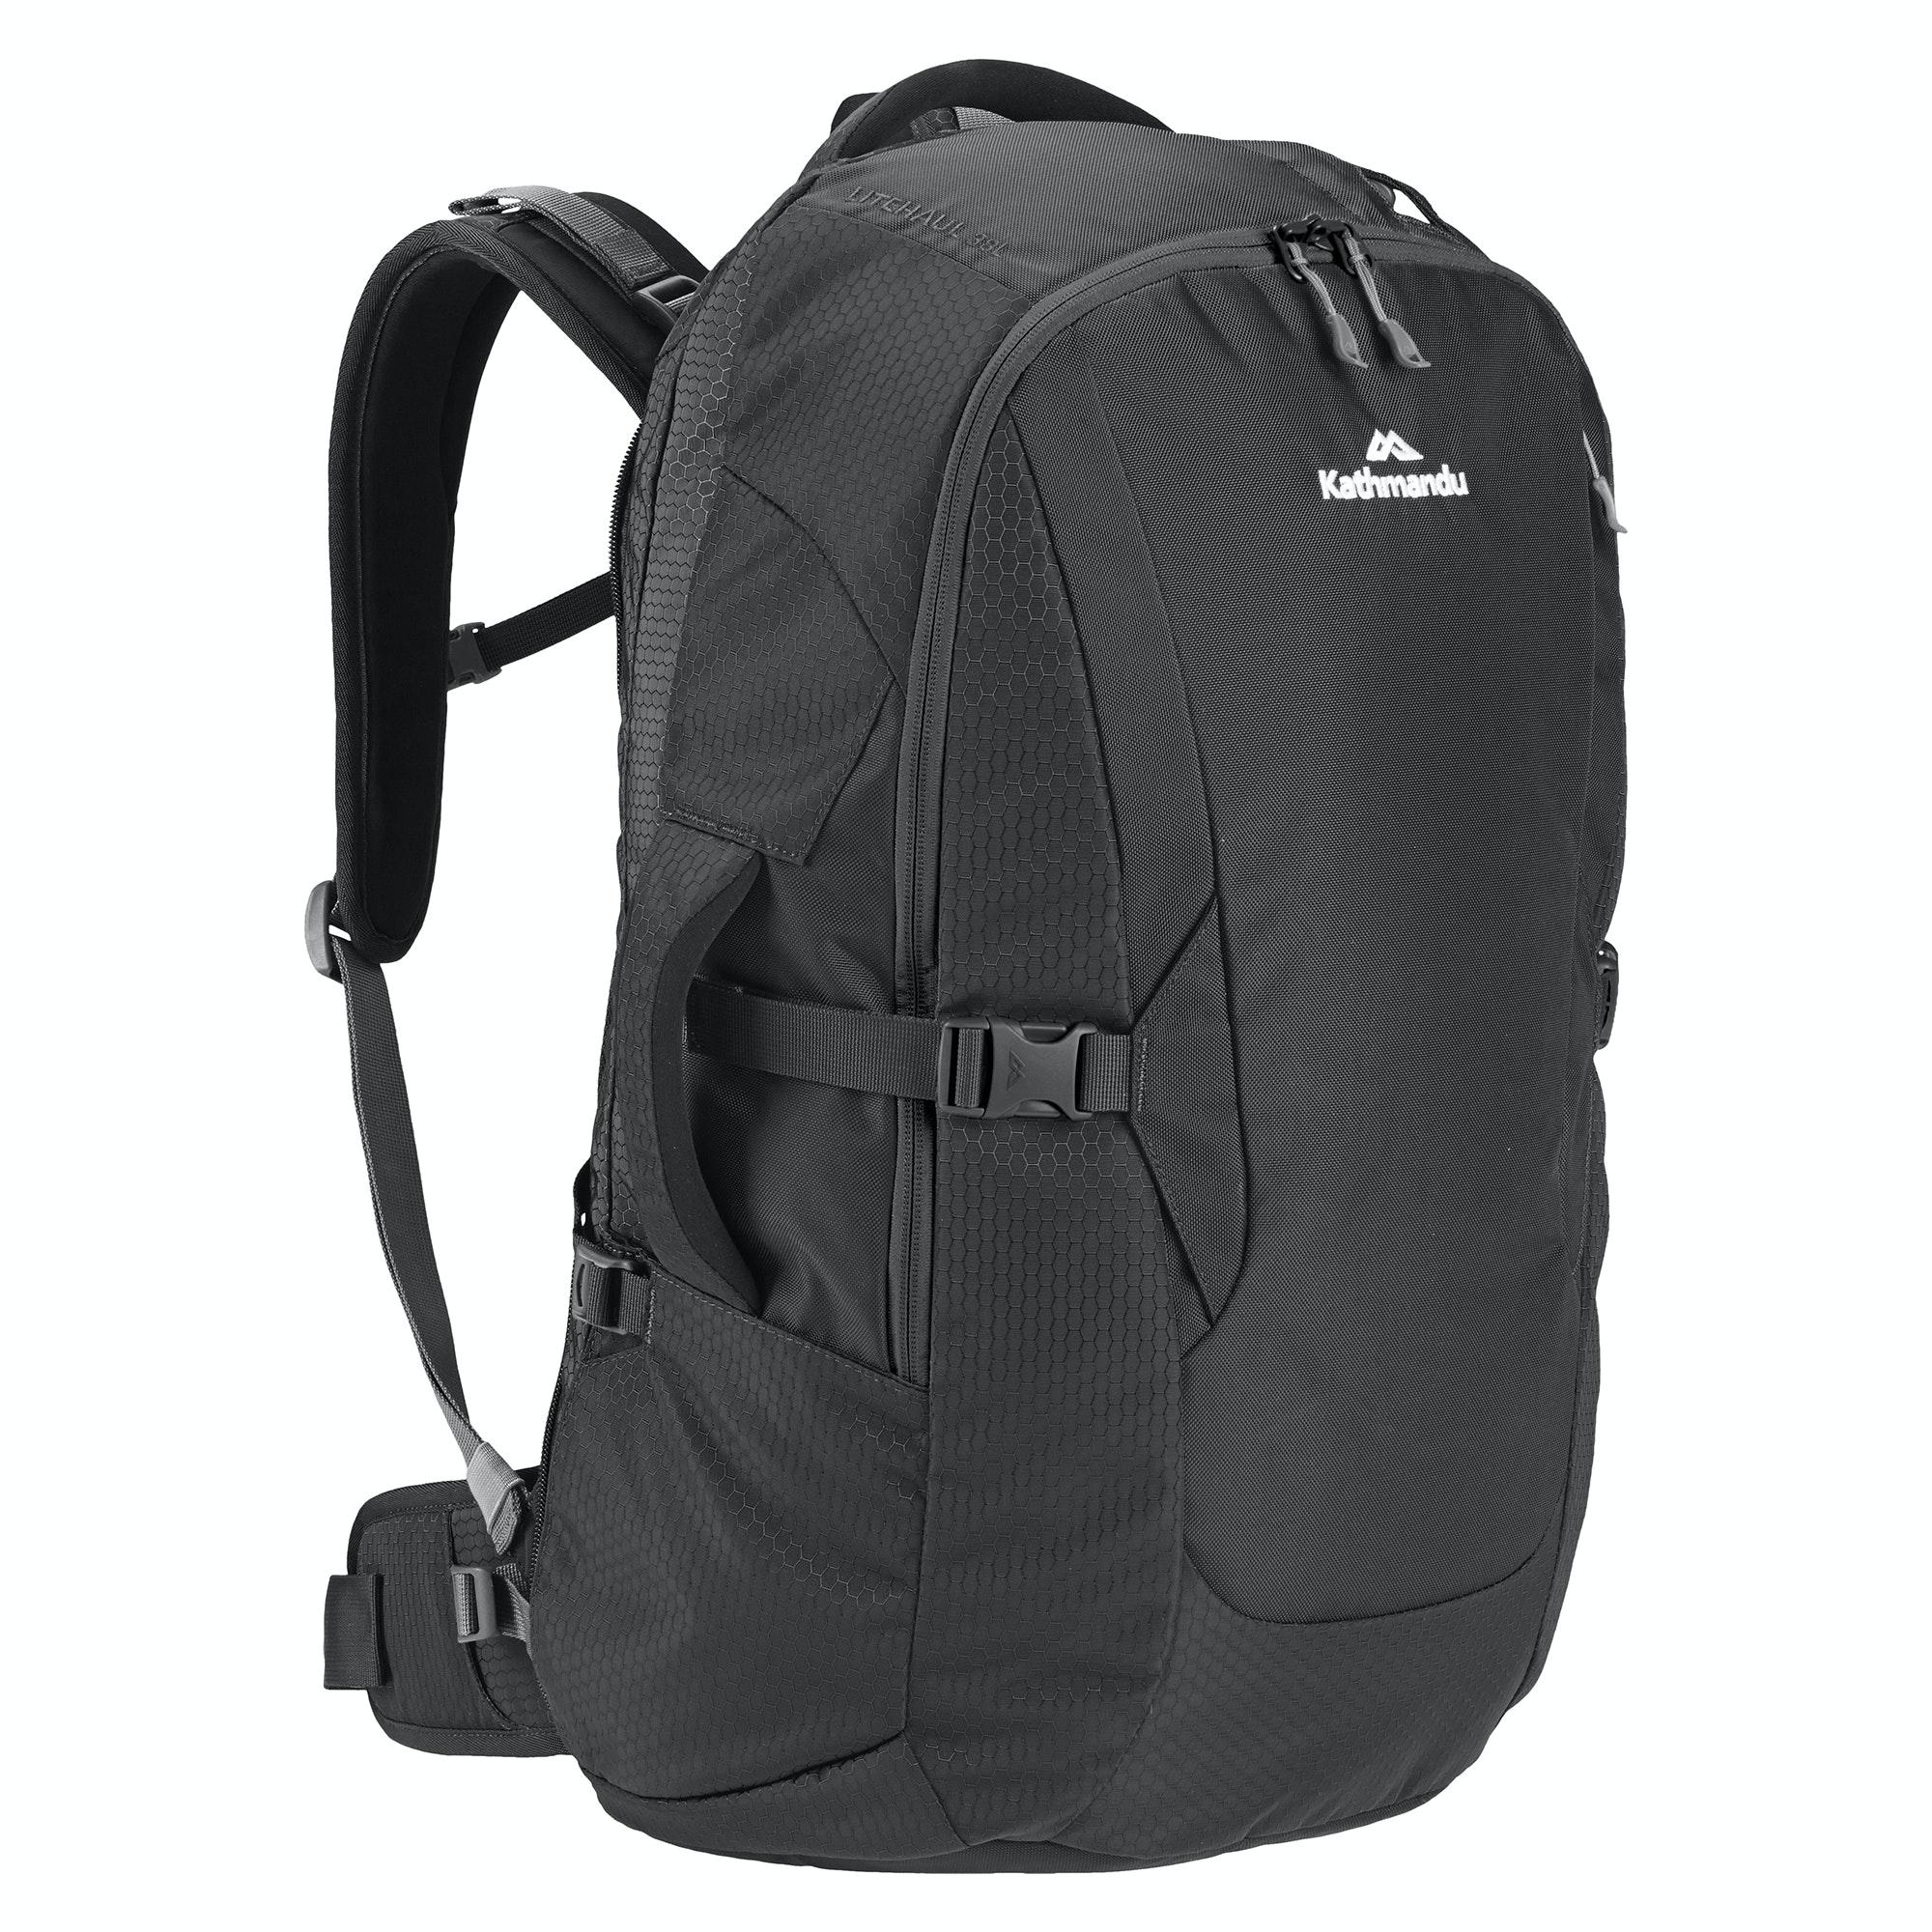 bc4131b56a13 Litehaul 38L Convertible Shoulder Carry Laptop Backpack v3 - Black